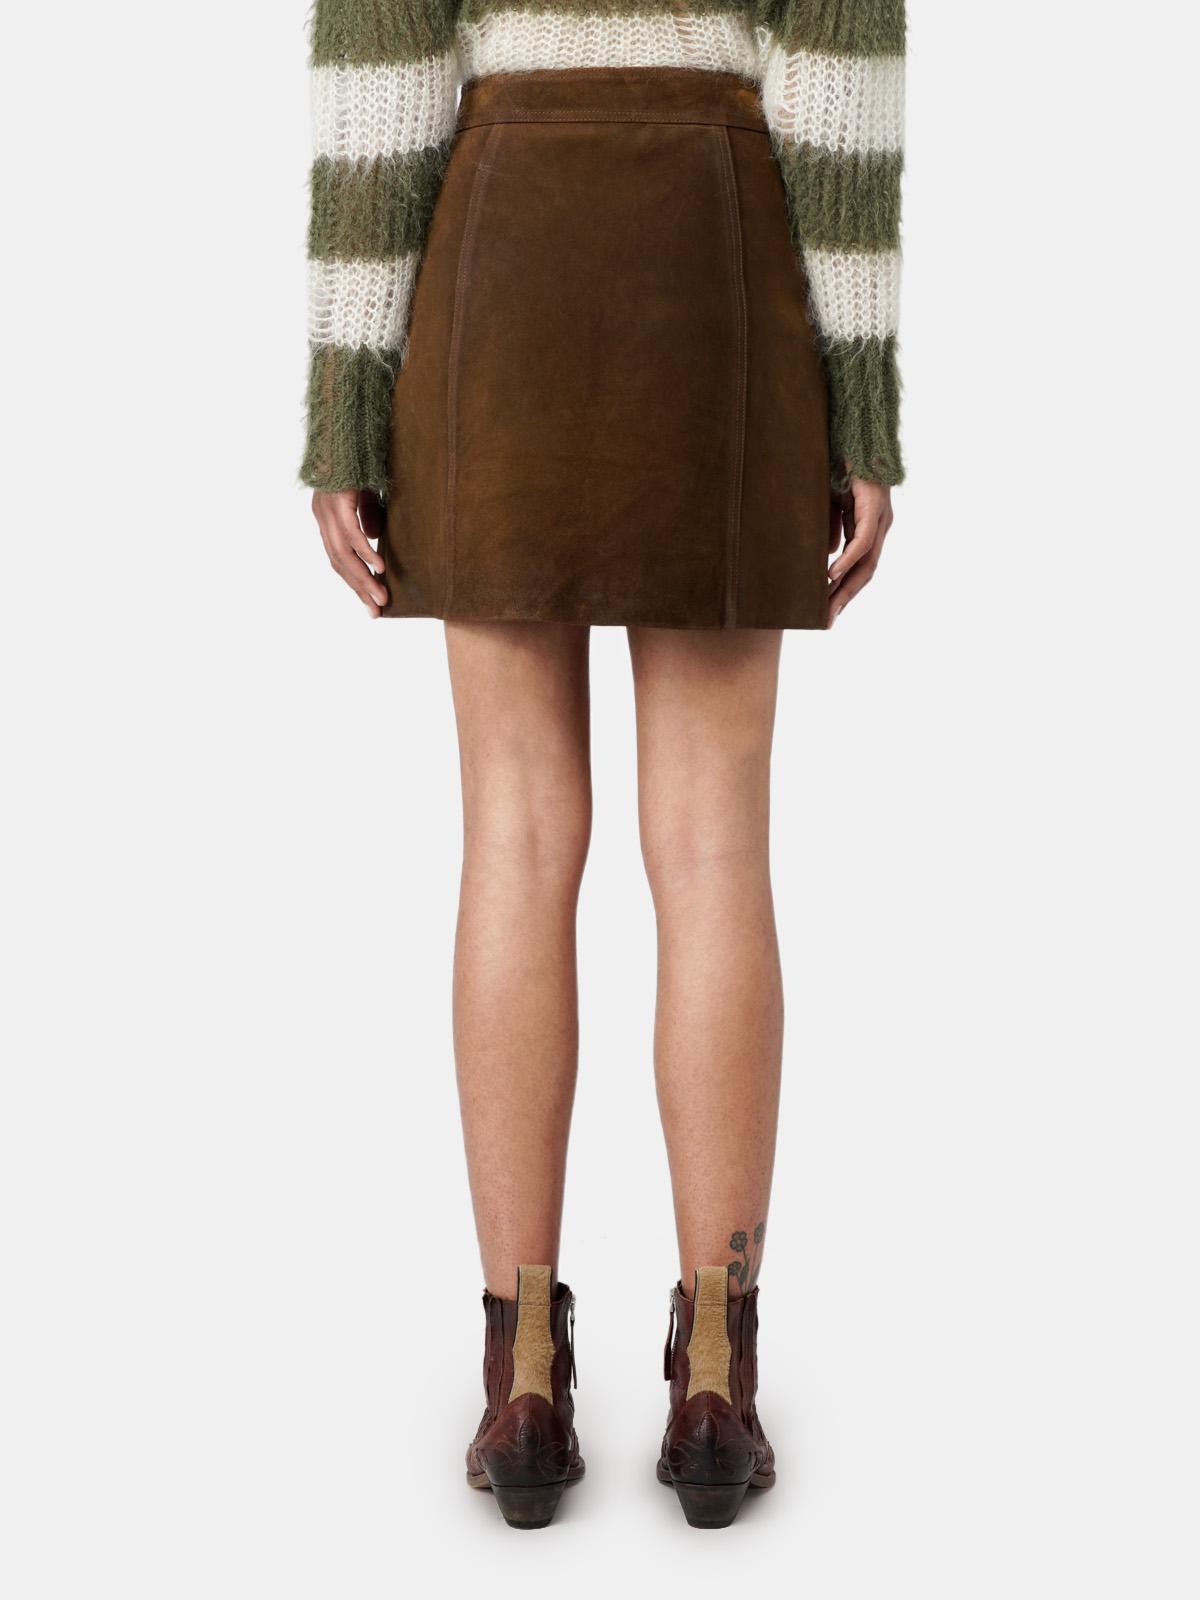 Golden Goose - Artemide miniskirt in tan with studs in